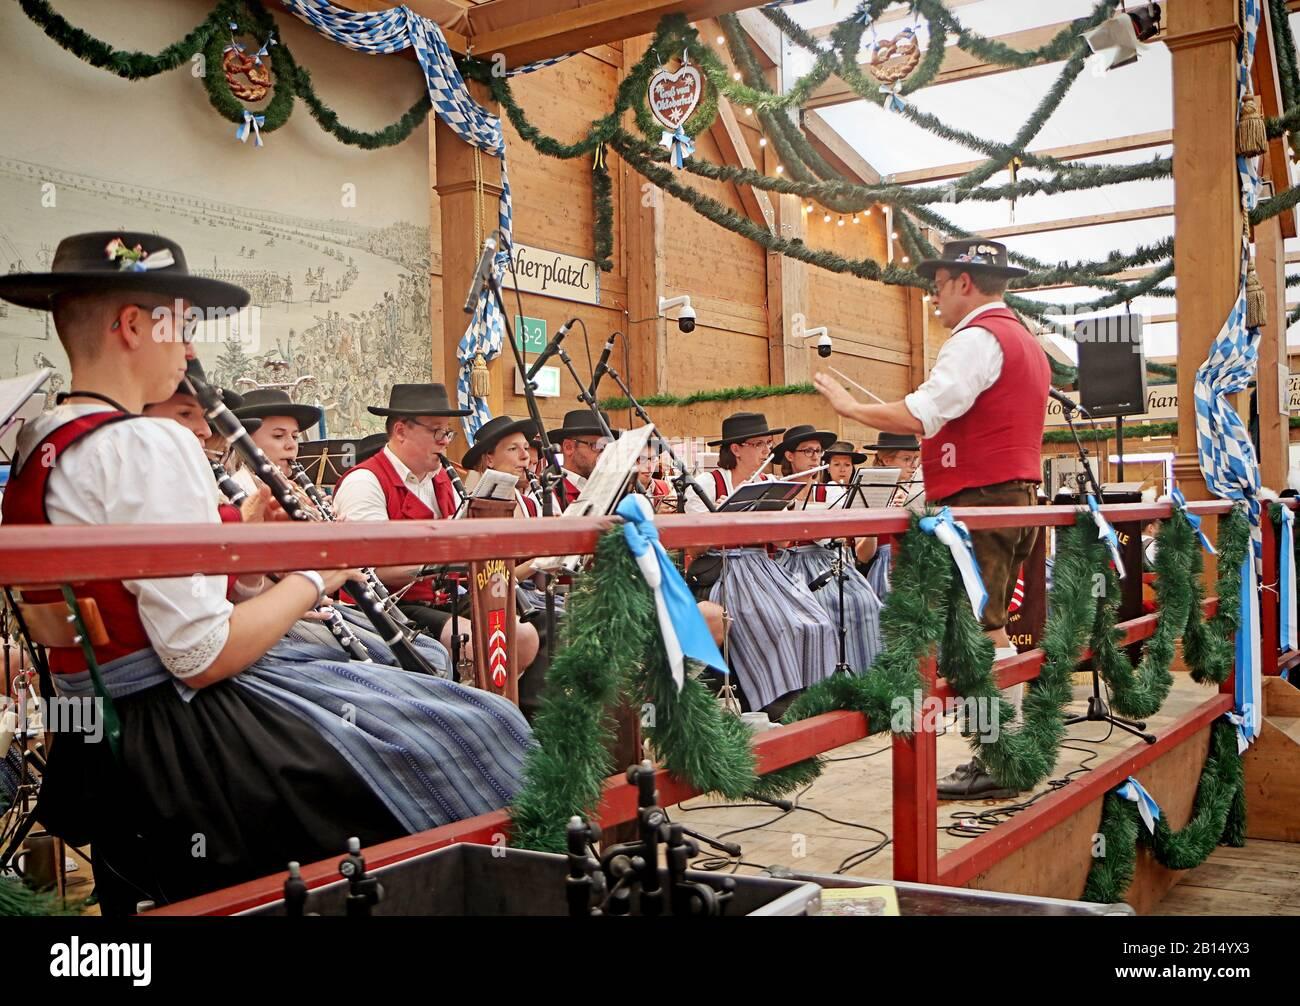 Munich, ALLEMAGNE - 1 OCTOBRE 2019 B et jouer de la musique traditionnelle en costume bavarois dans une tente à bière de la partie historique de l'Oide Wiesn de l'Oktoberfest Banque D'Images